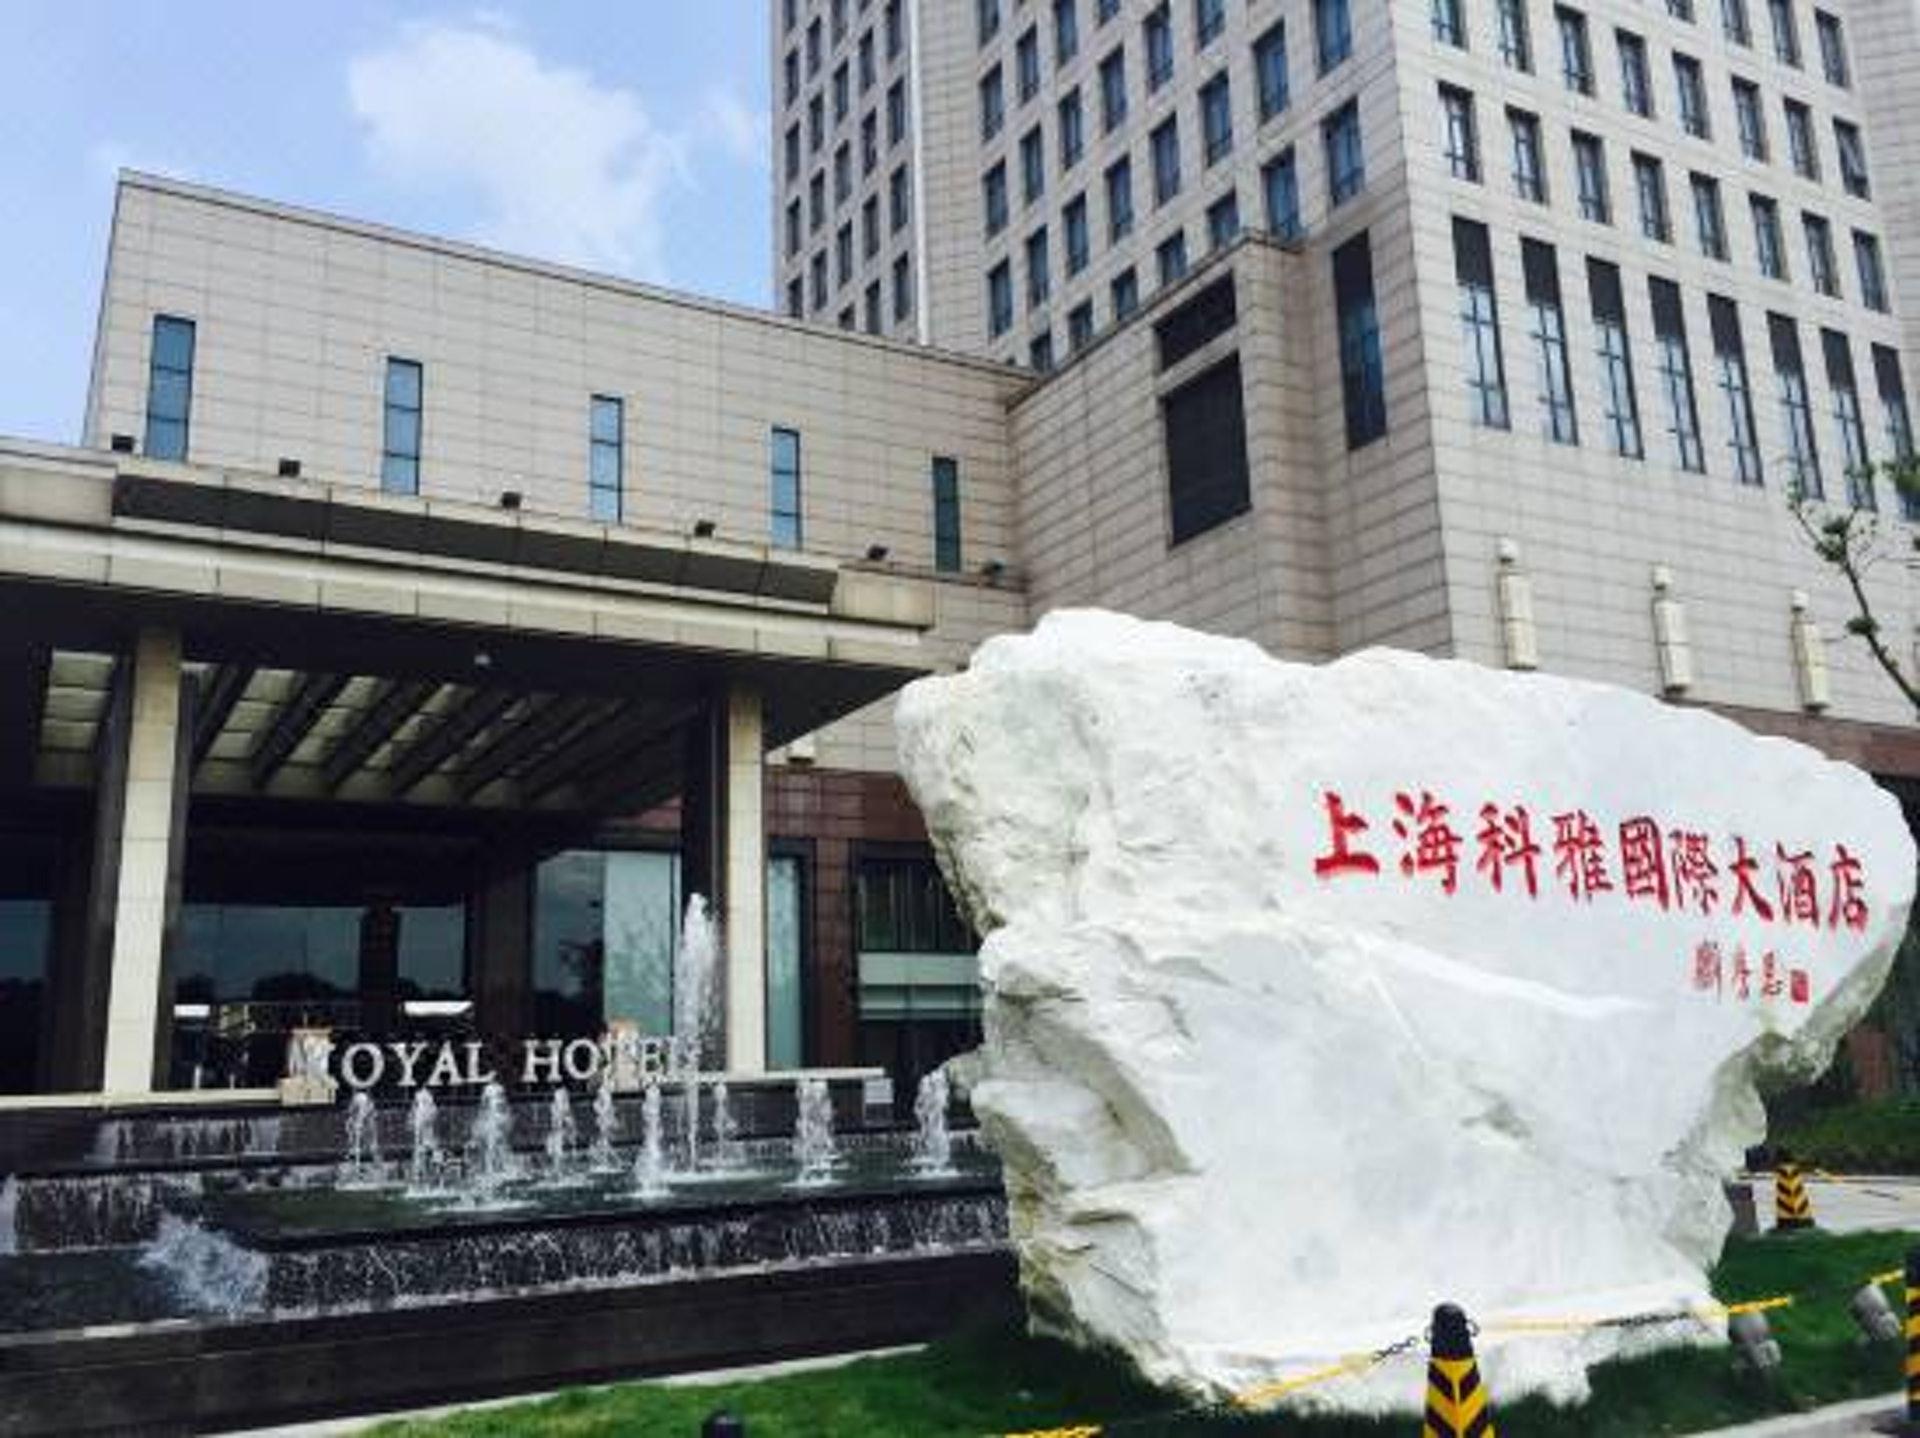 2018年,上海市旅�[�店星��u定委�T���l布《上海市旅�[�店星��u定及覆核公告》�@示,包括上海科雅���H大酒店在�鹊�11家酒店被正式取消星��Y格。(�W上�D片)